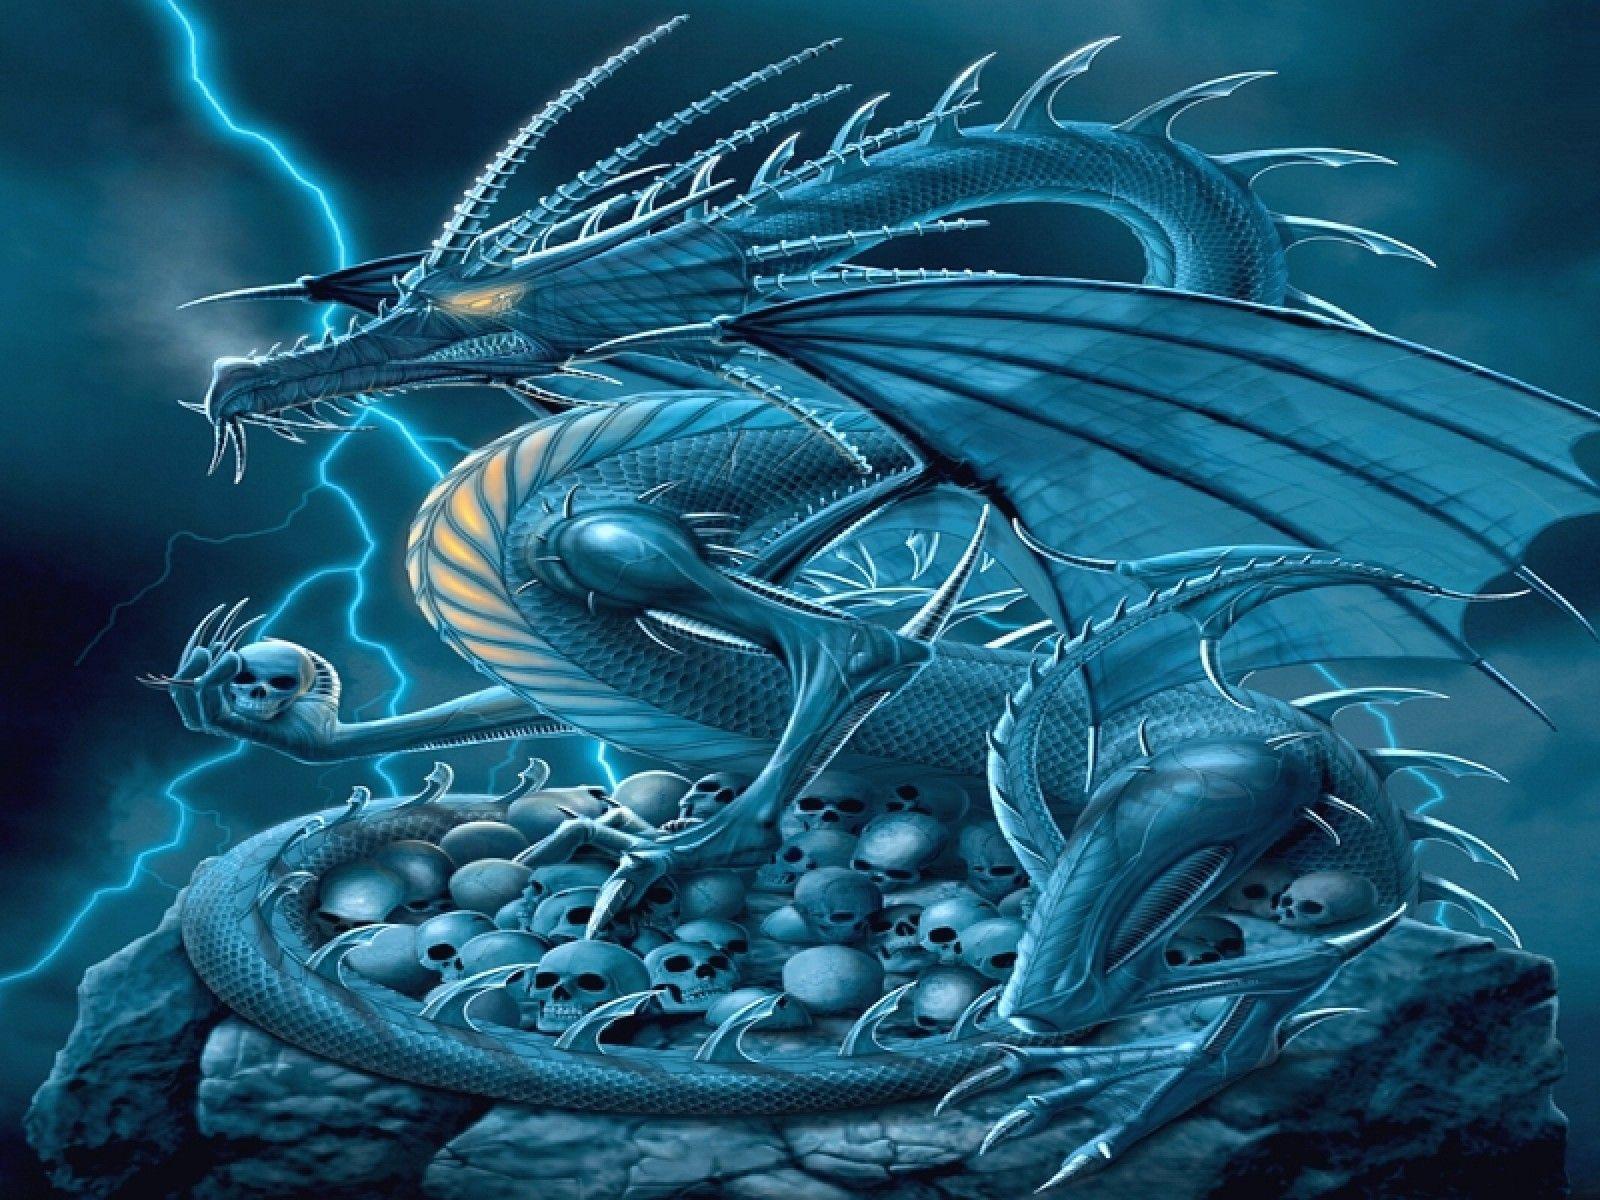 cool blue dragon wallpaper - photo #3